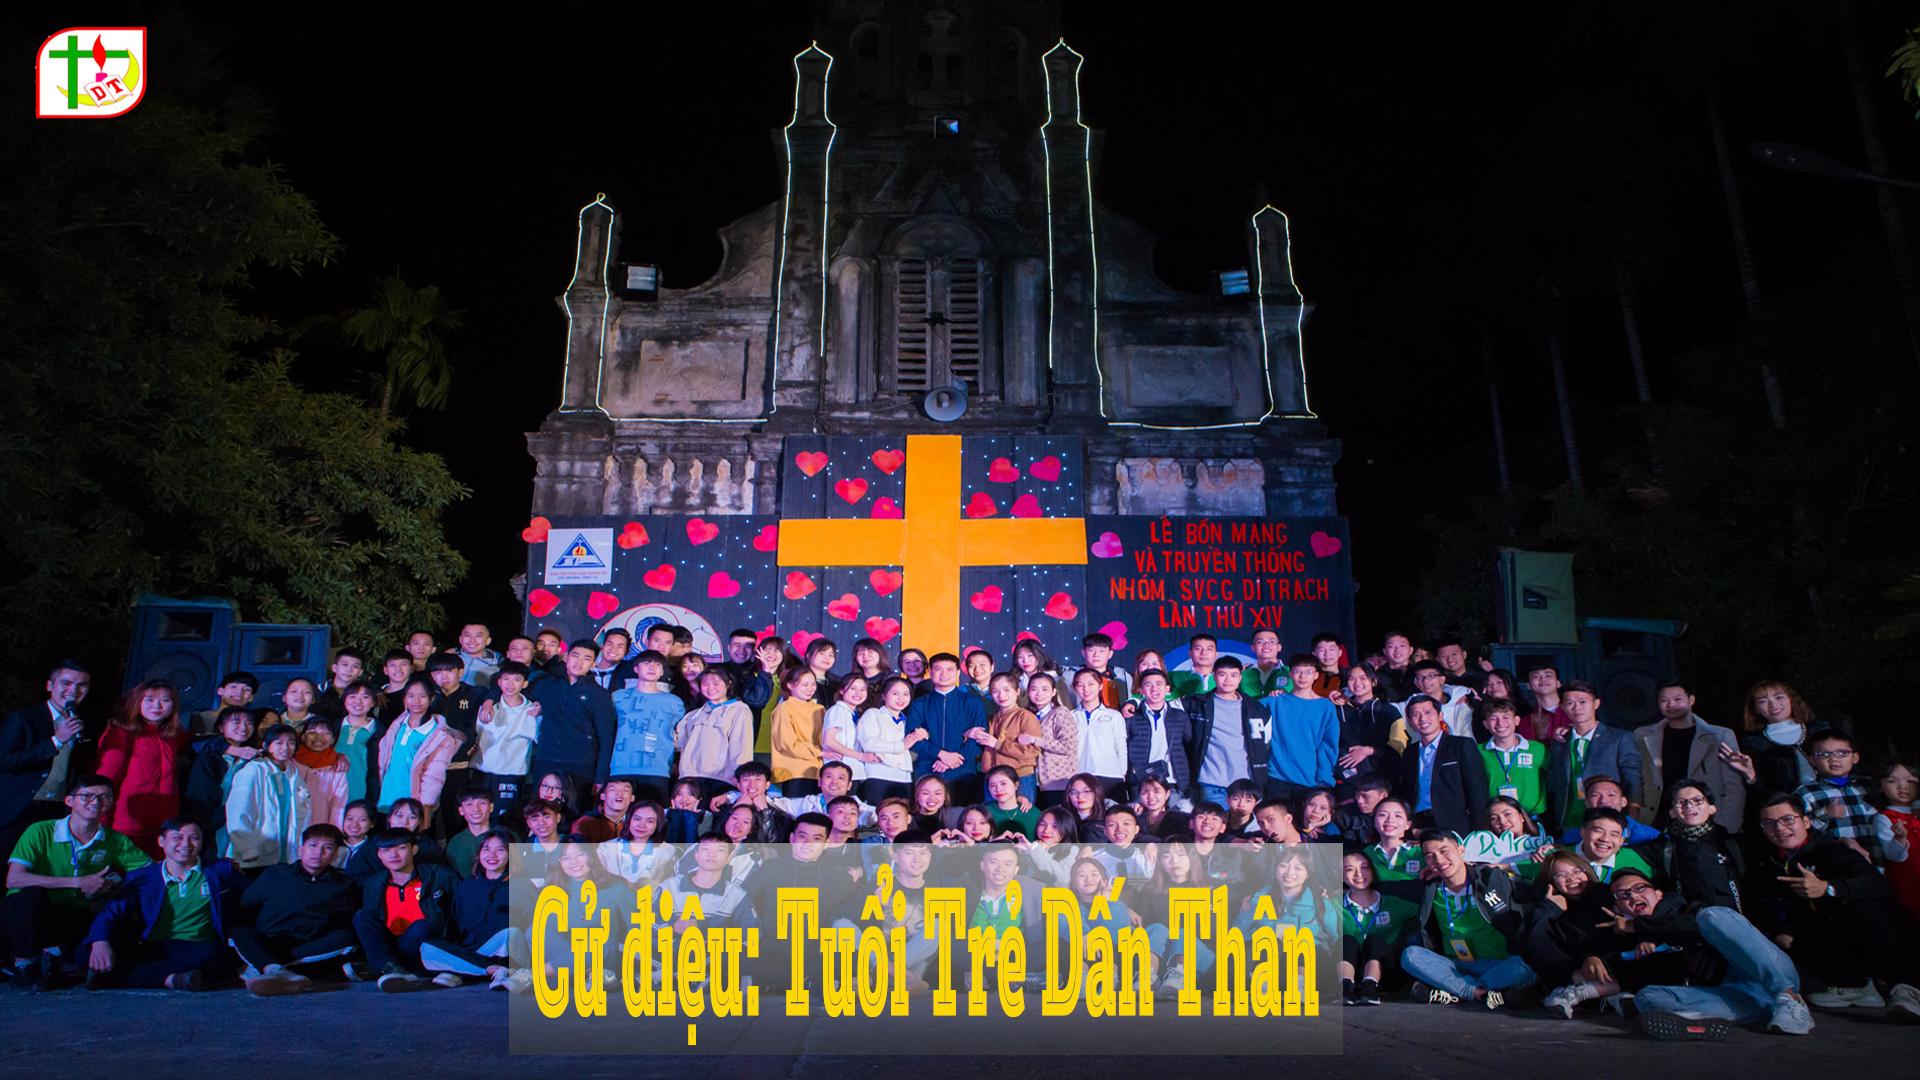 Cử điệu Công Giáo: TUỔI TRẺ DẤN THÂN – SVCG Di Trạch